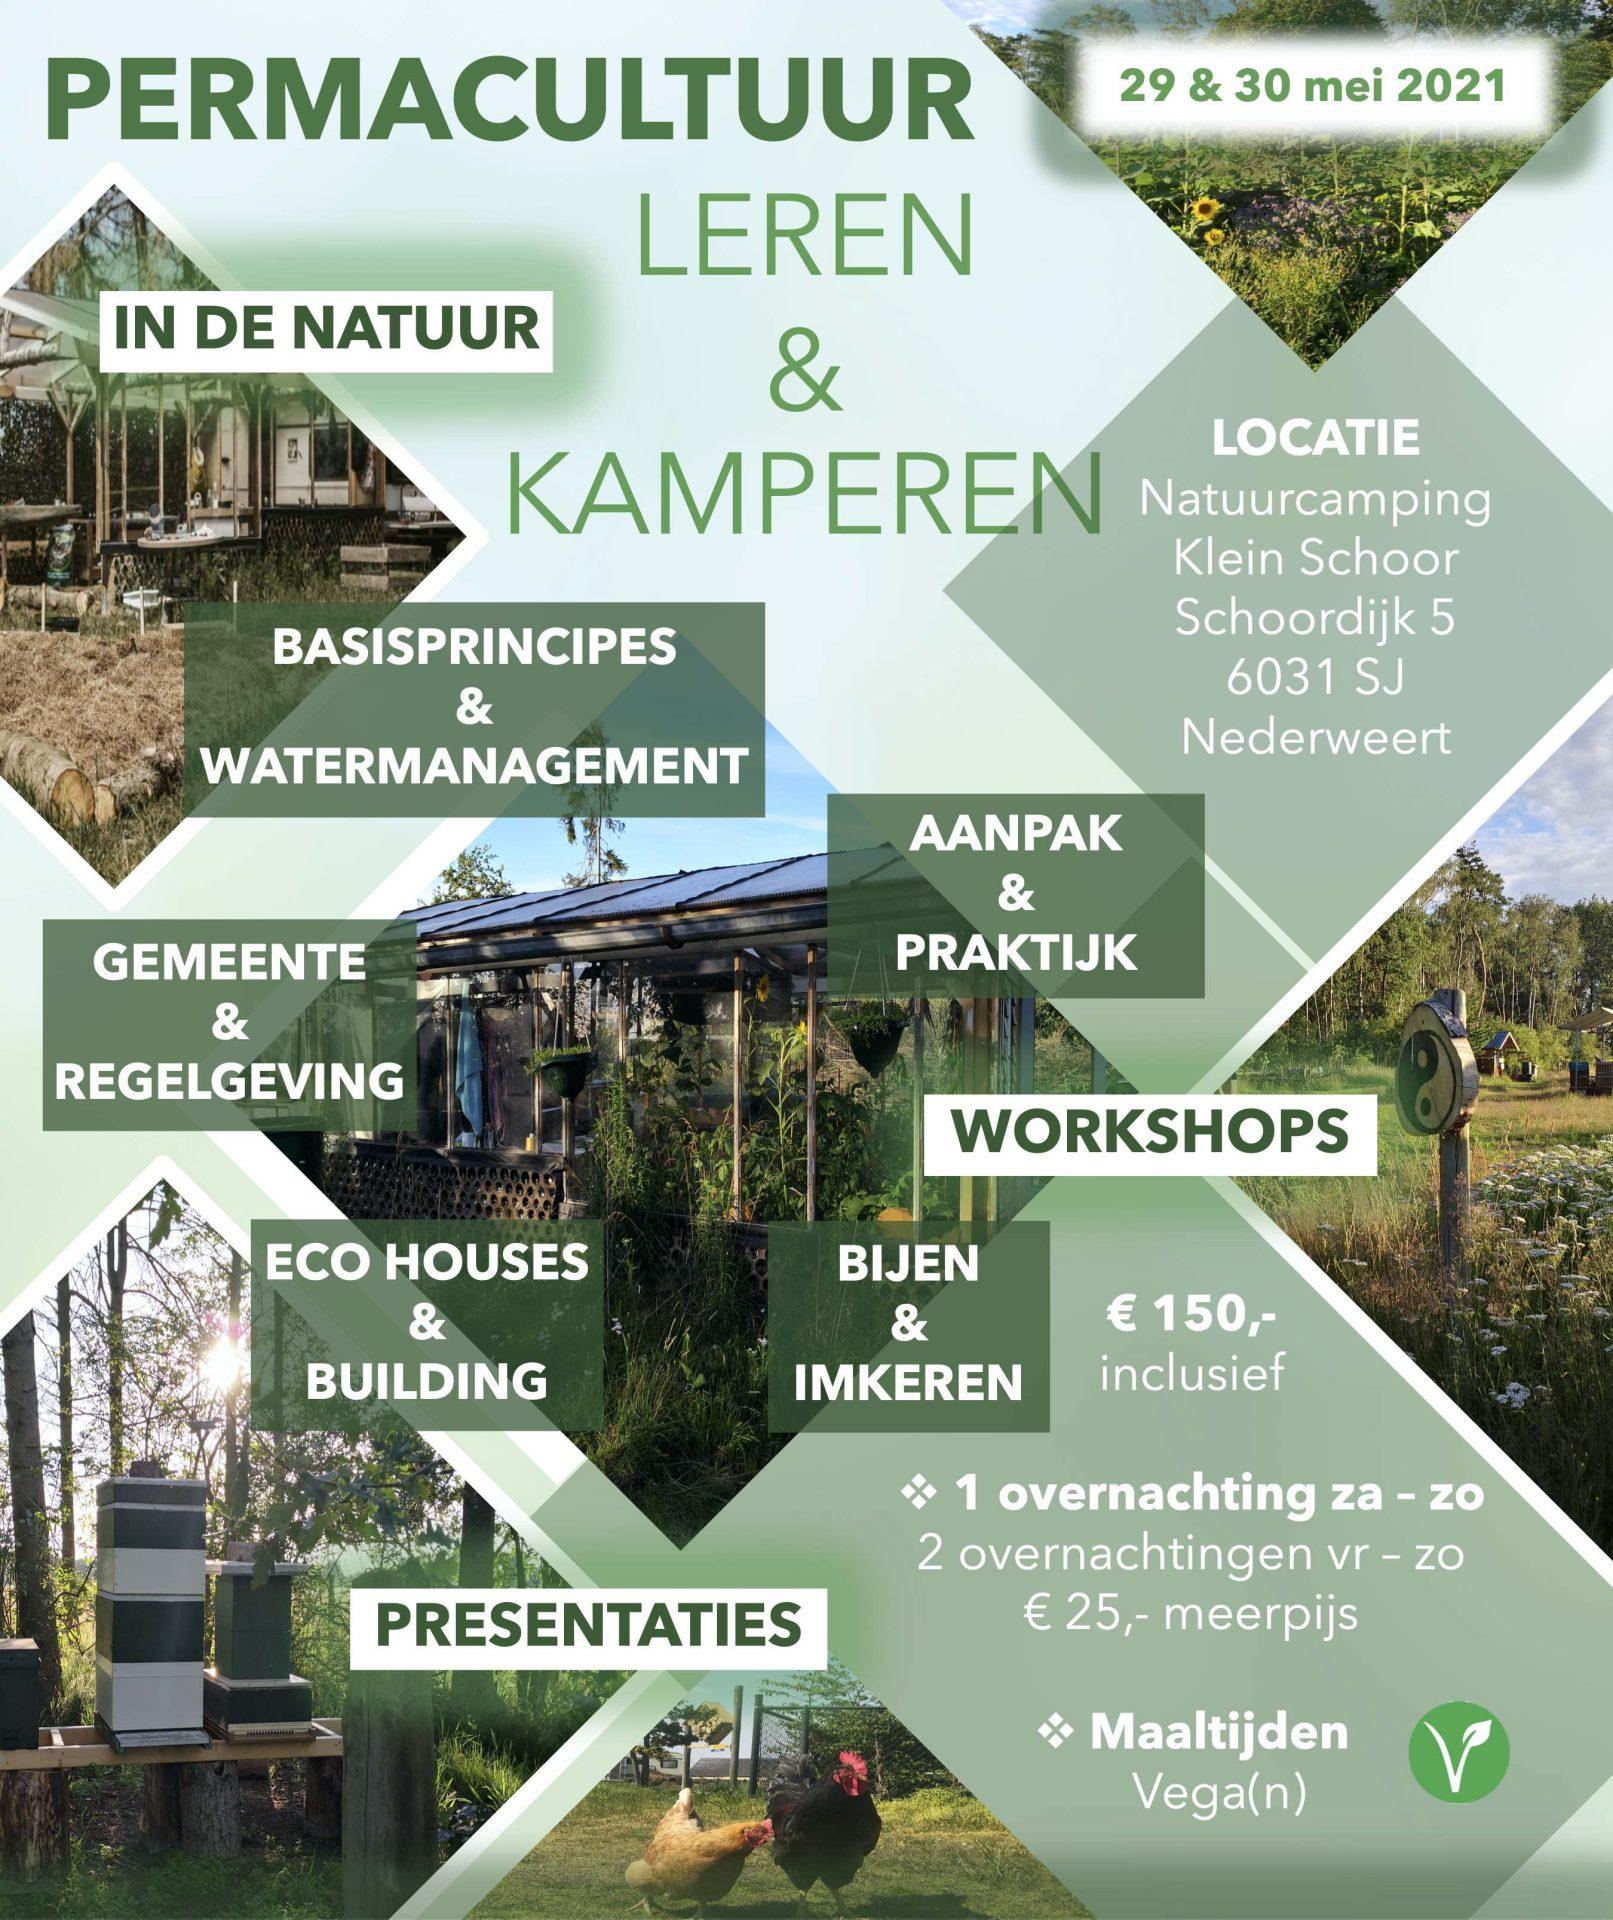 Permacultuur Leren Kamperen - Natuurcamping Klein Schoor Limburg